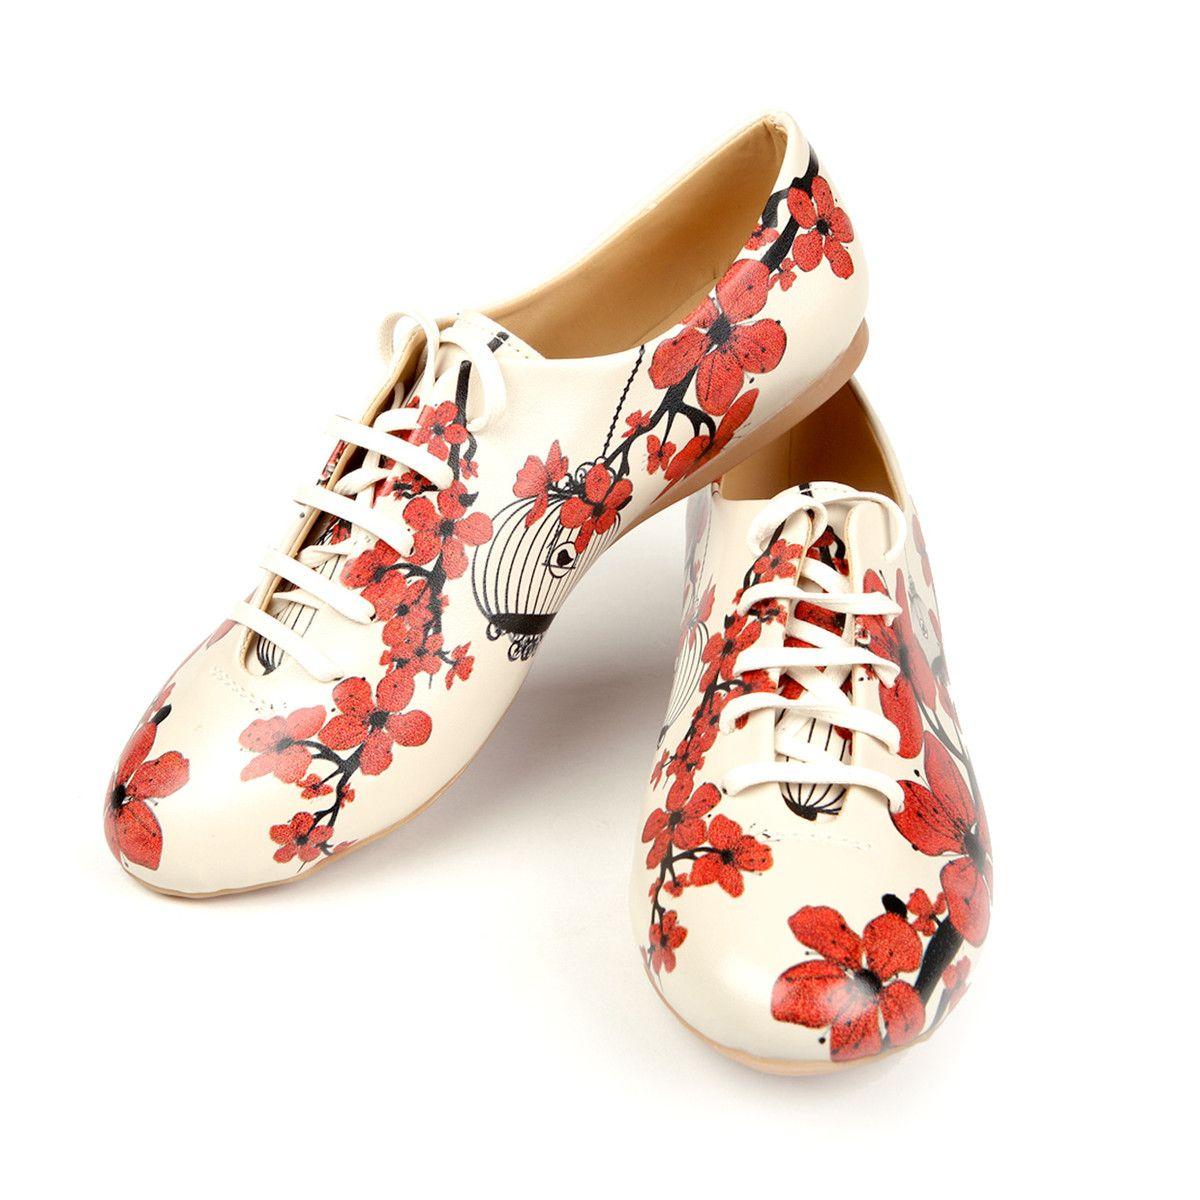 eu.Fab.com | Shoes Red Flowers